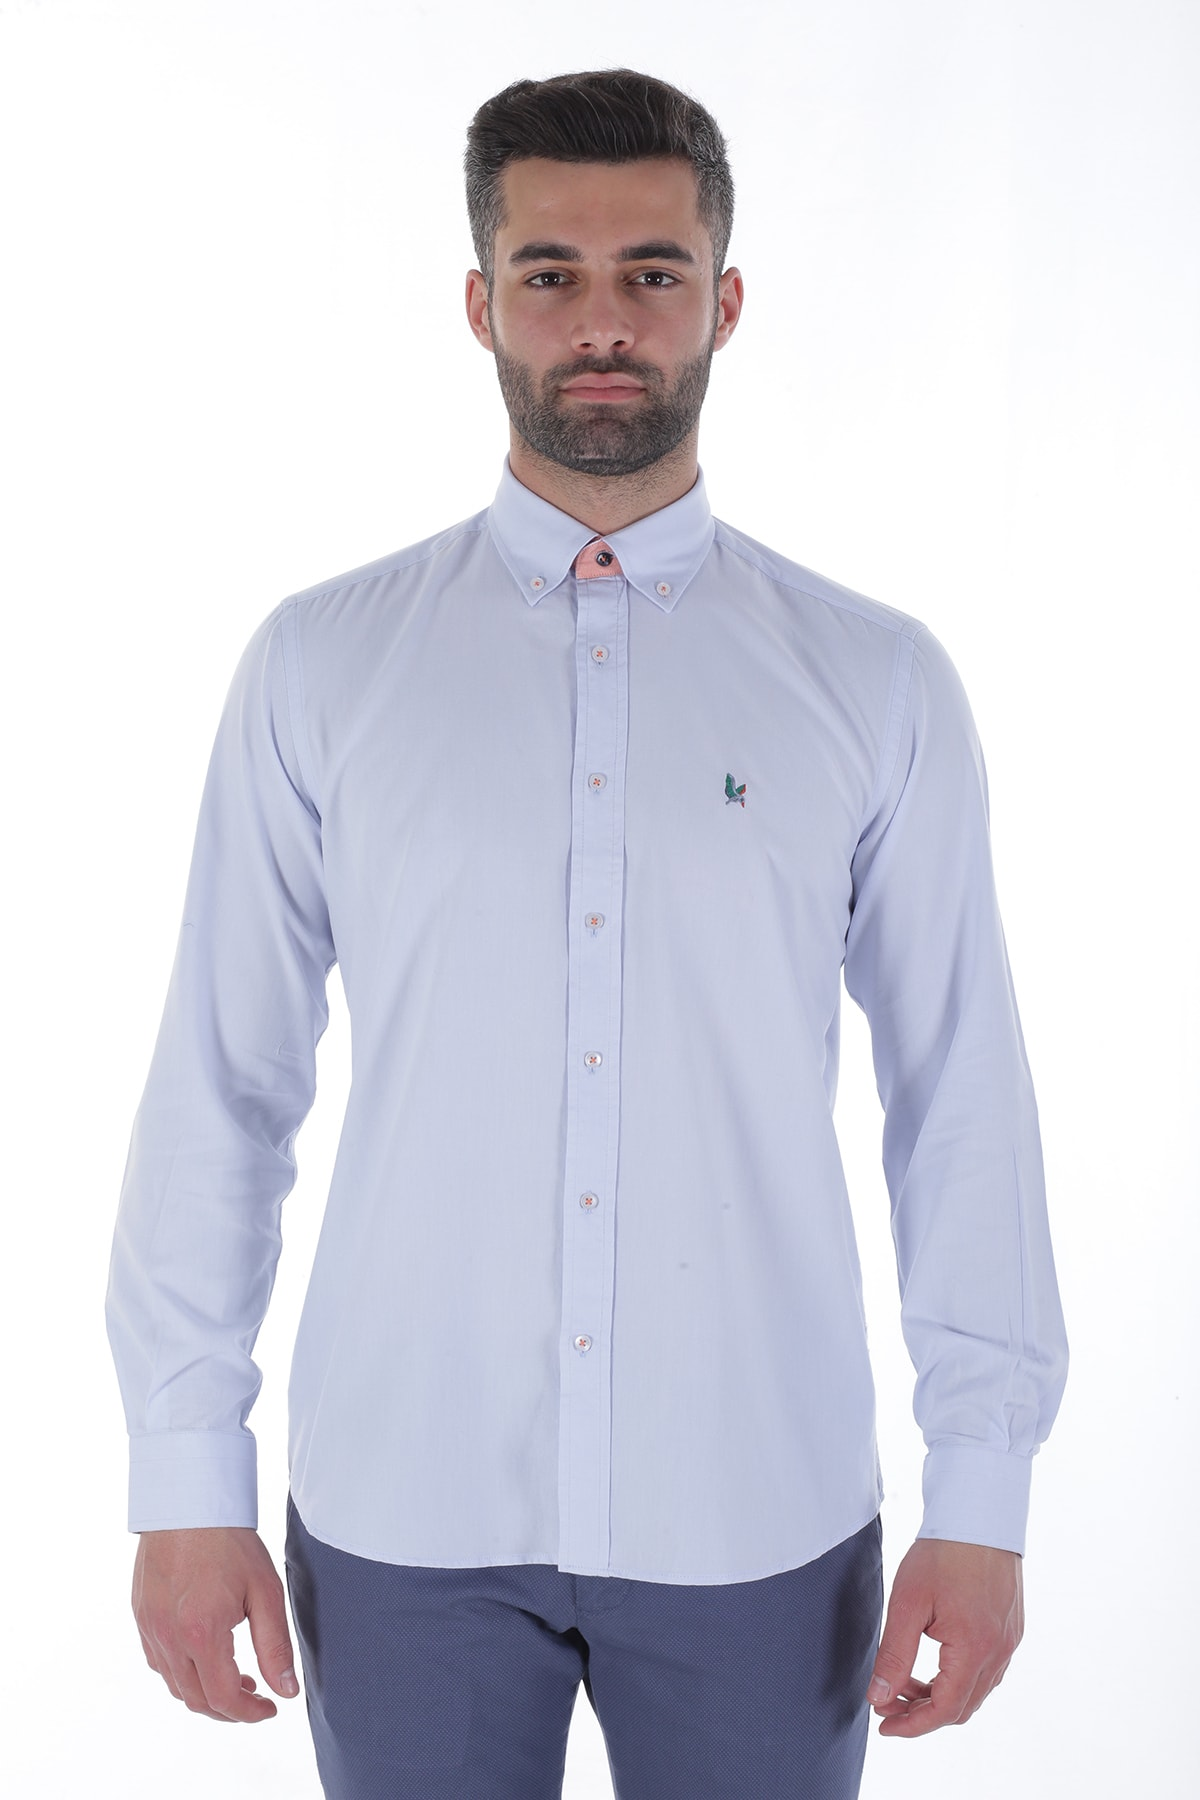 Diandor Uzun Kollu Erkek Gömlek Gri/Grey 1912007 1